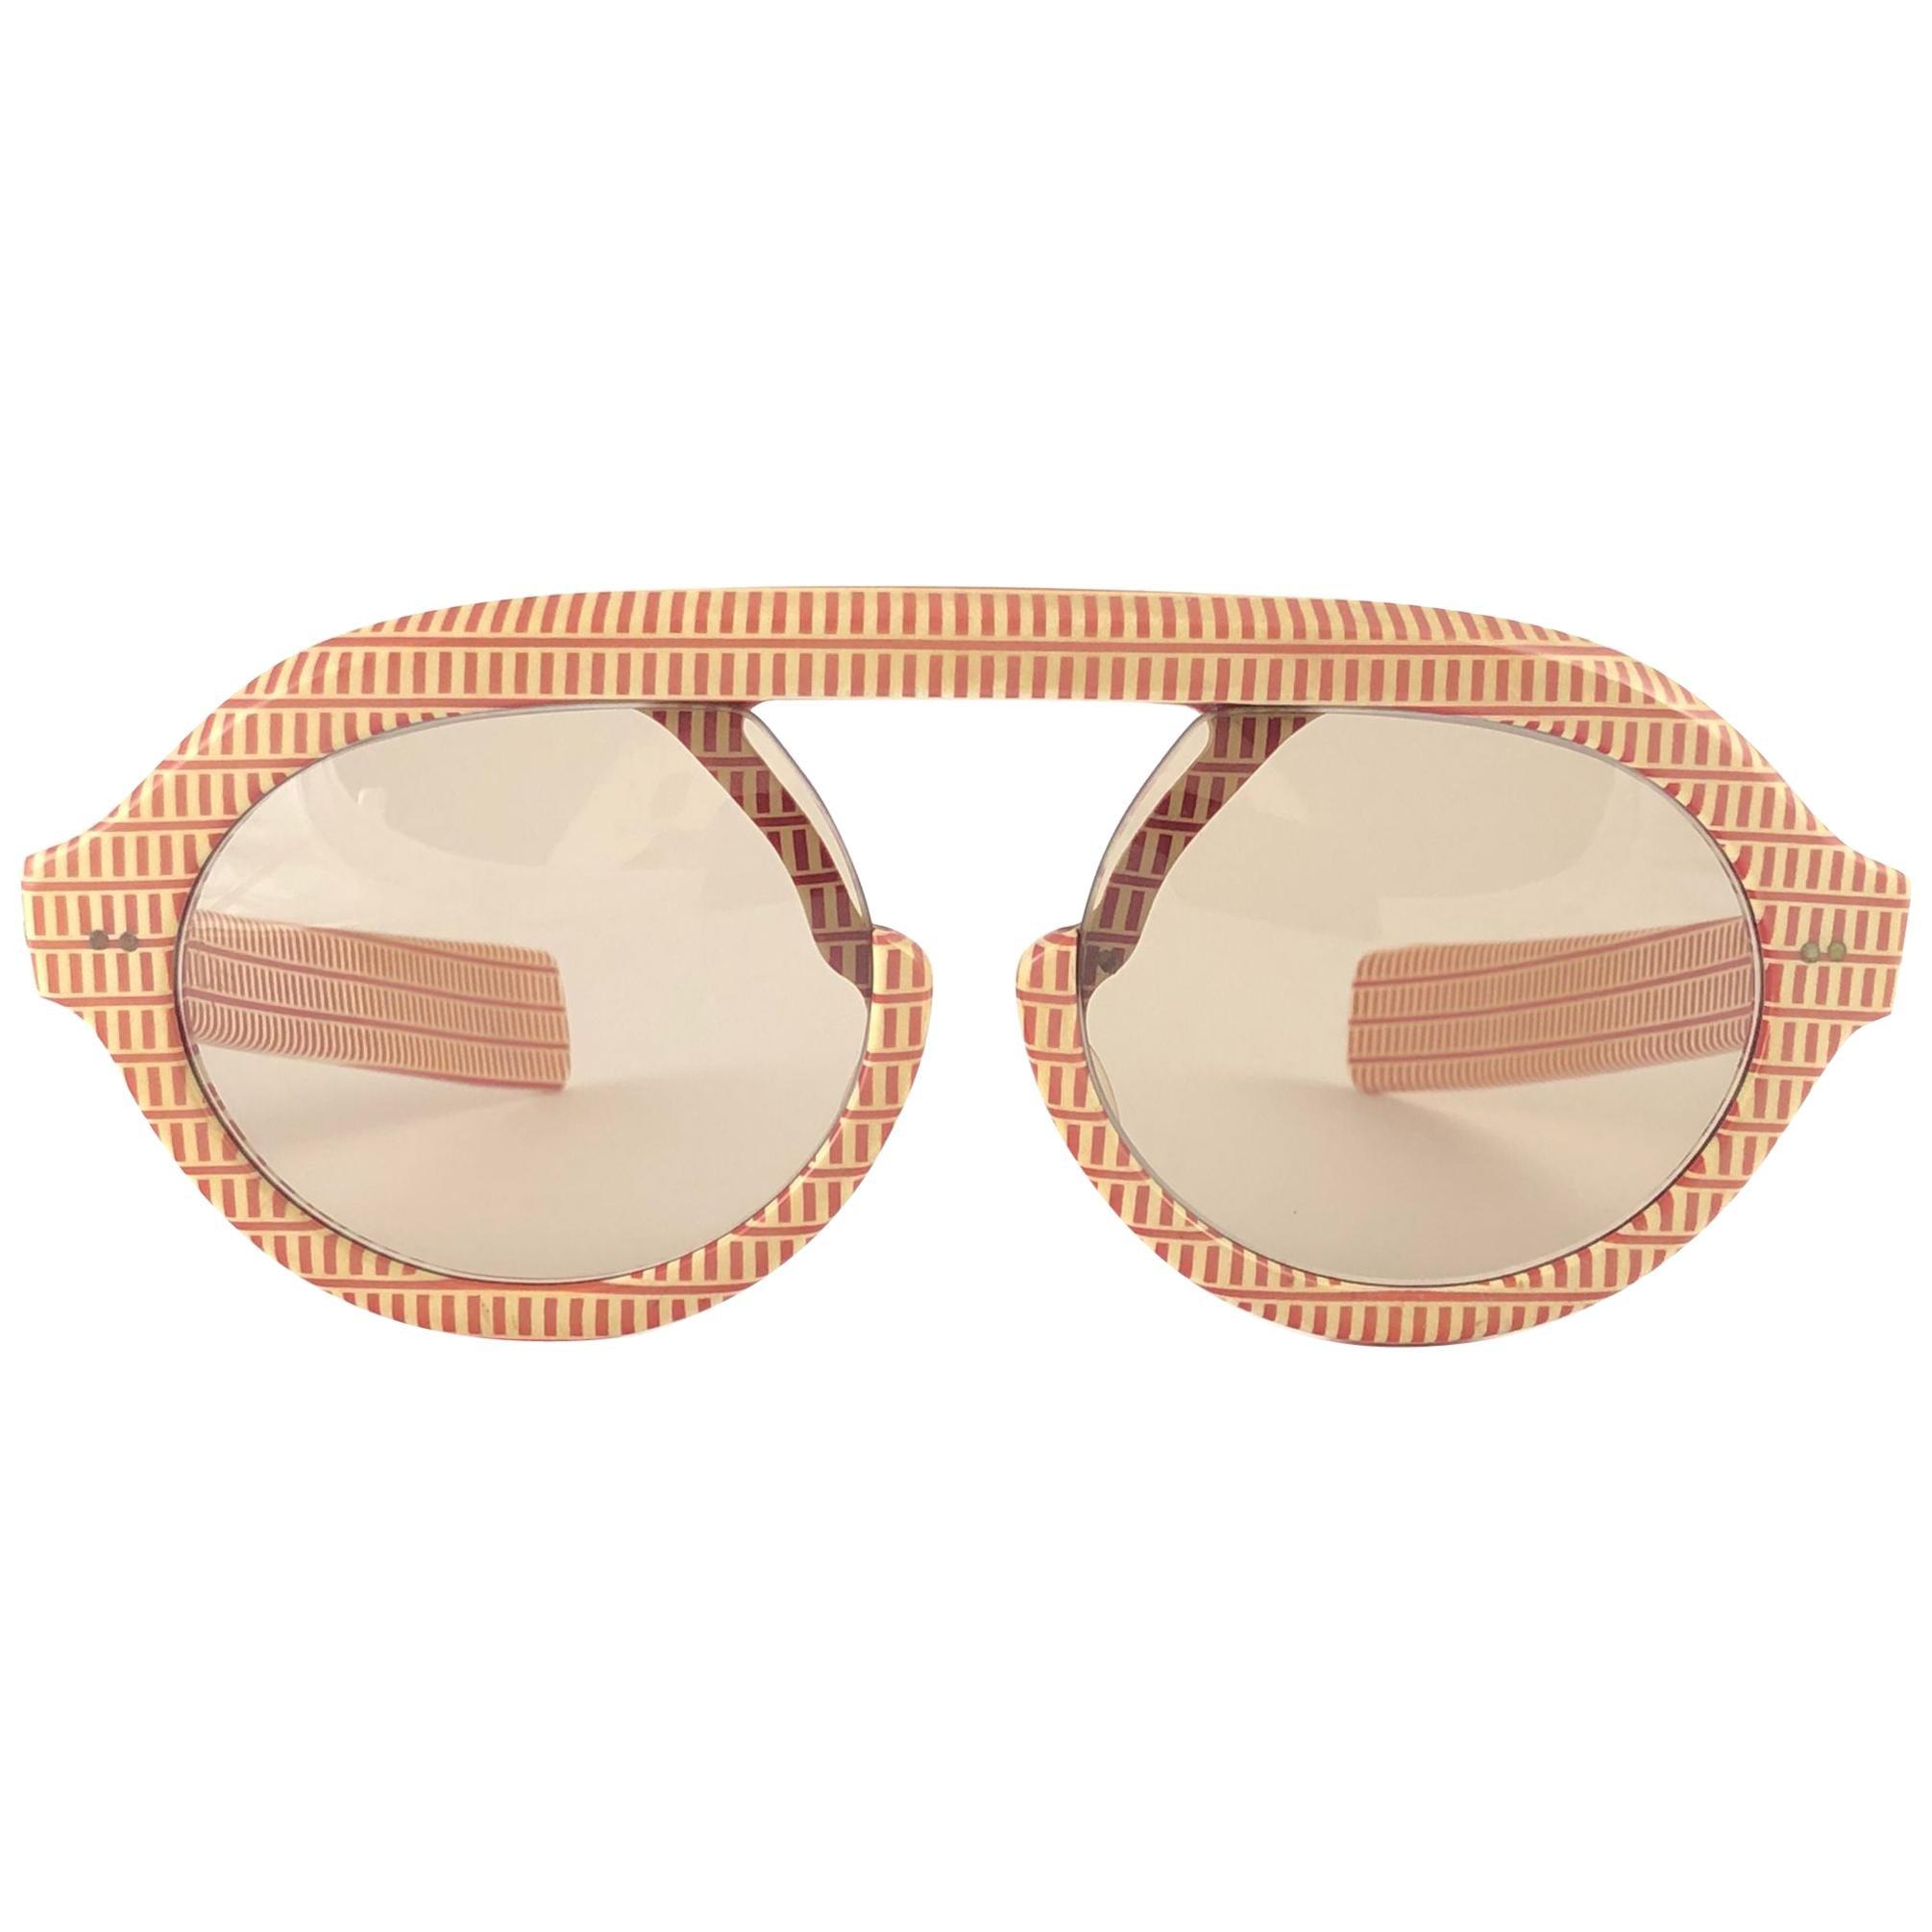 Ultra Rare 1960'S Christian Dior Pre Optyl Print Archive Dior Sunglasses Austria